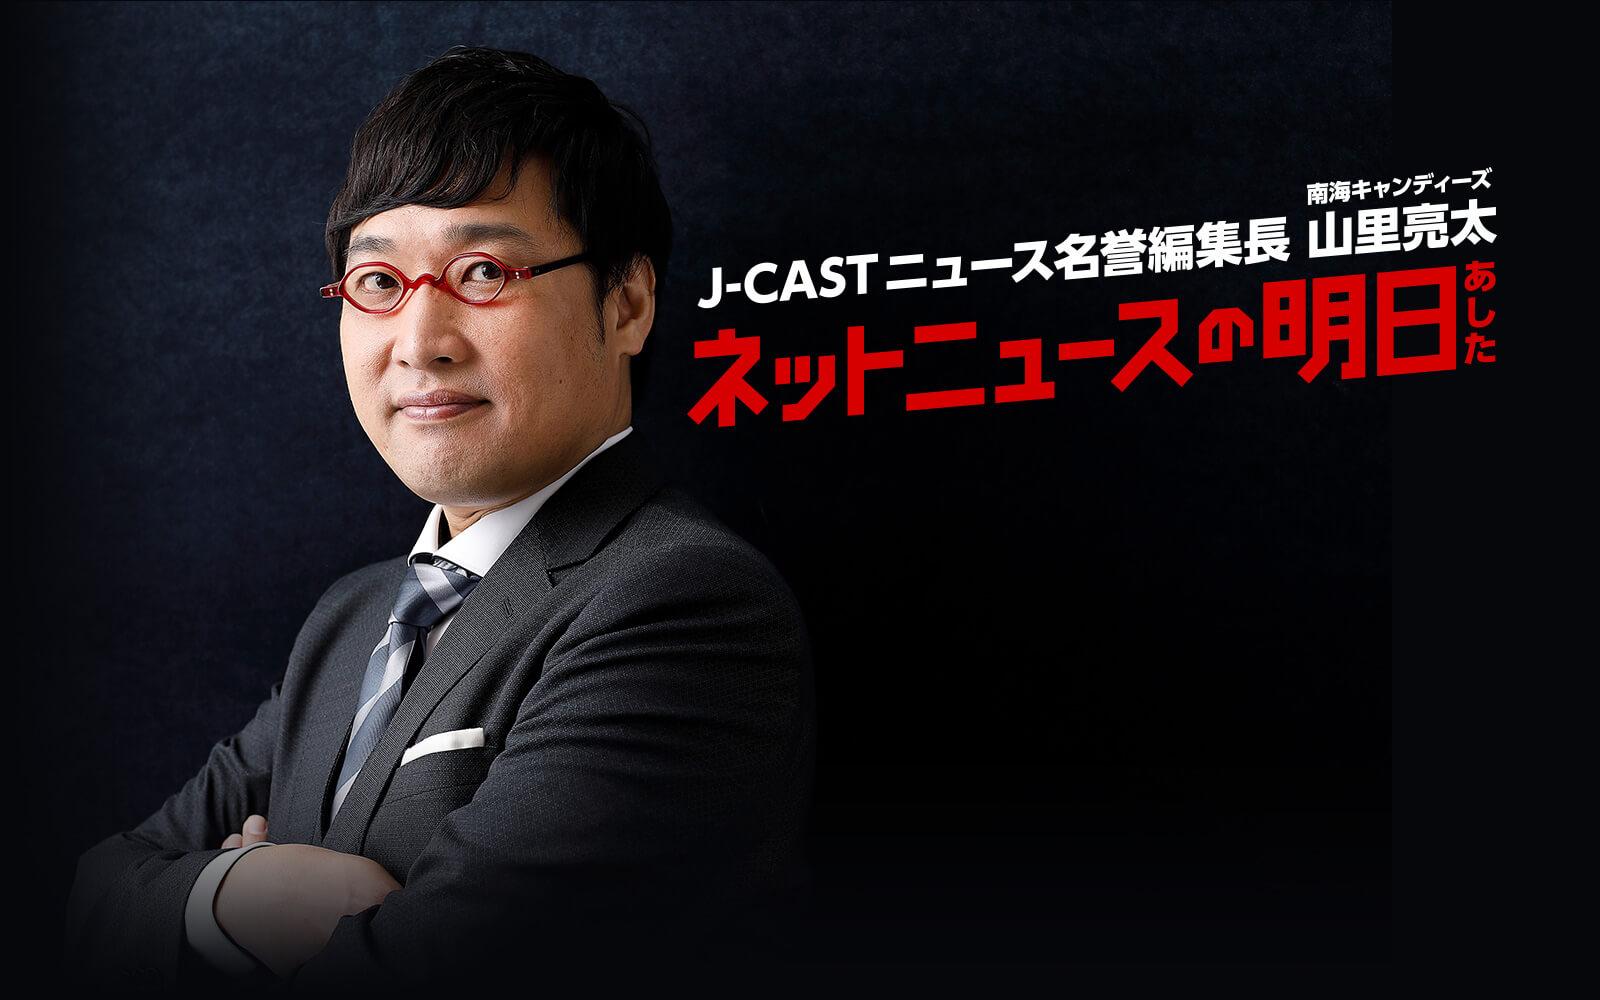 J-CASTニュース名誉編集長山里亮太 ネットニュースの明日